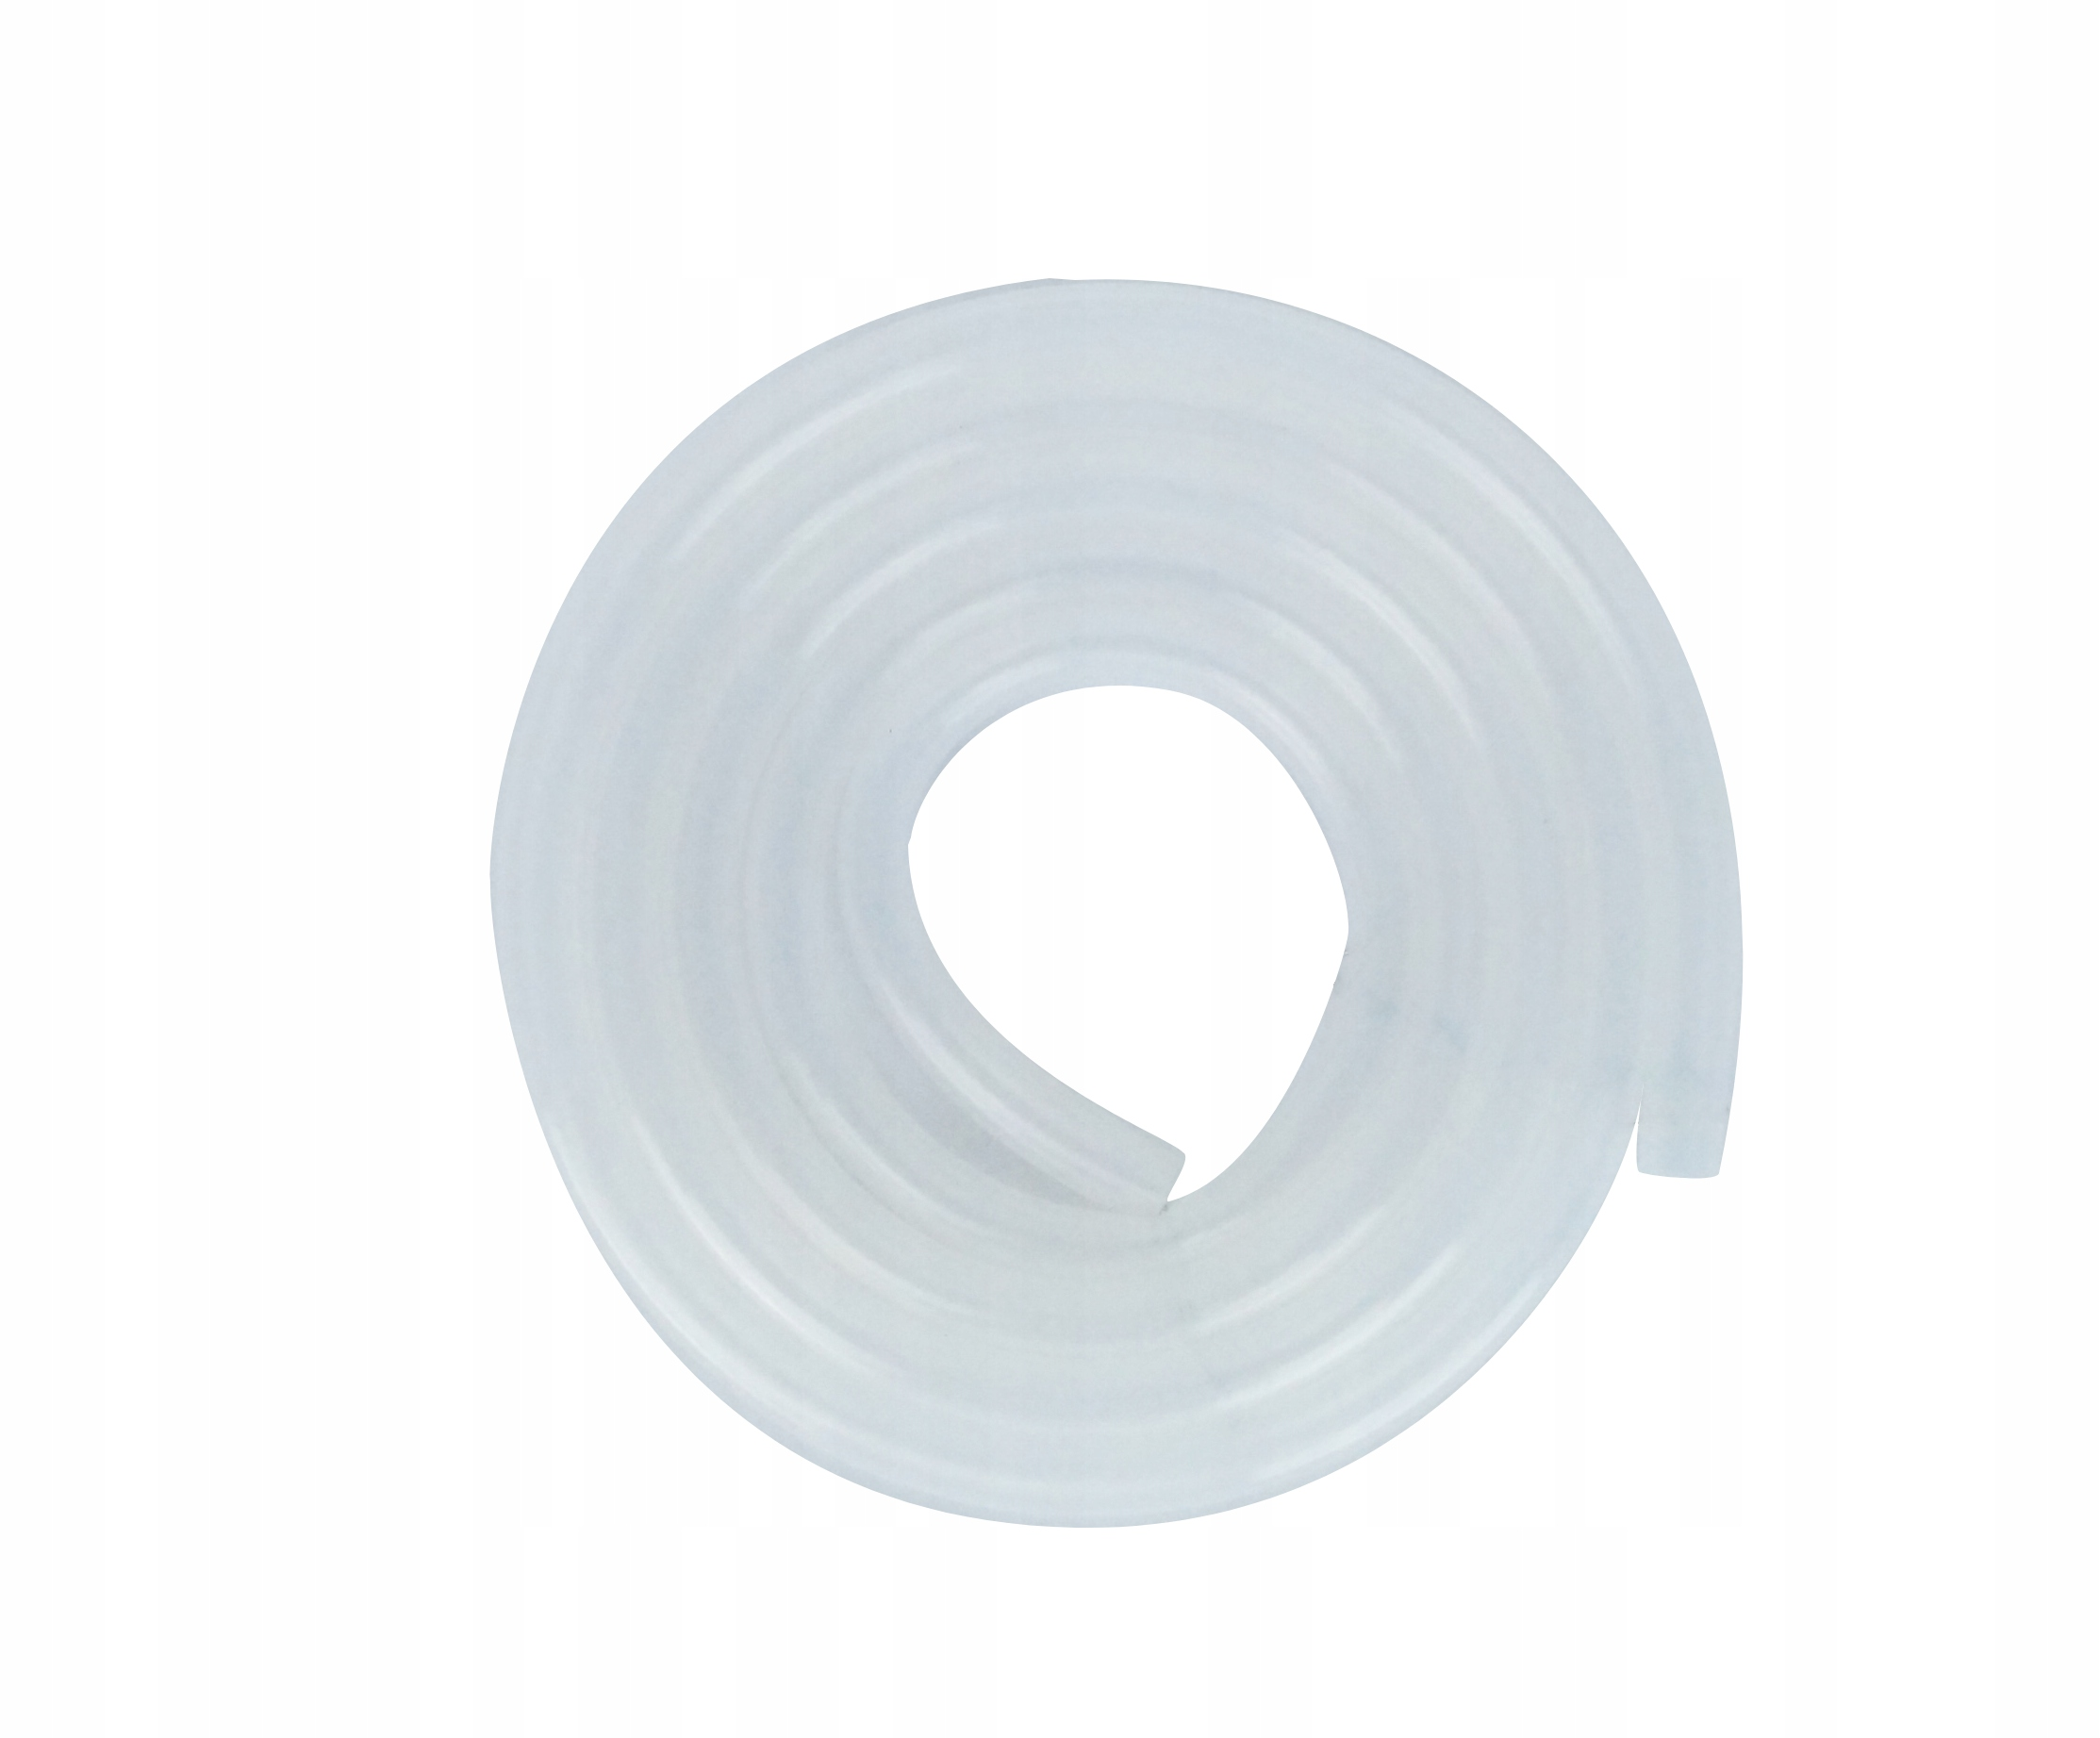 FILTR WĘGLOWY 50CM PRZELEWOWY WĘGIEL GRATIS Waga produktu z opakowaniem jednostkowym 1 kg